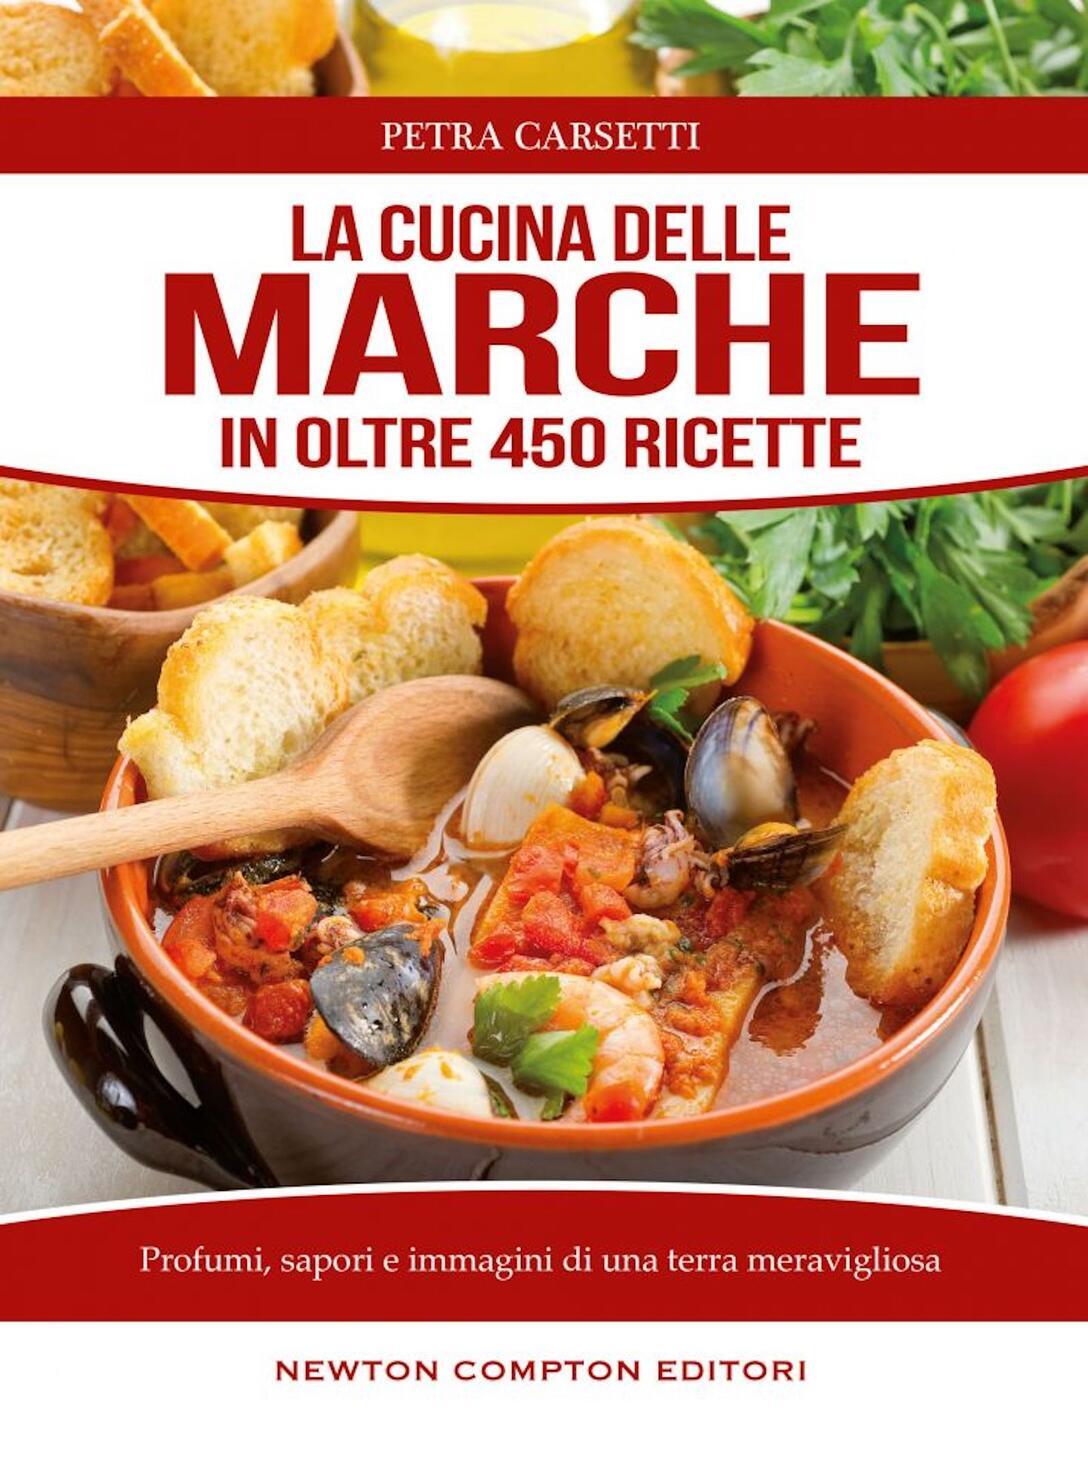 La cucina delle Marche - Petra Carsetti - Libro - Newton Compton ...